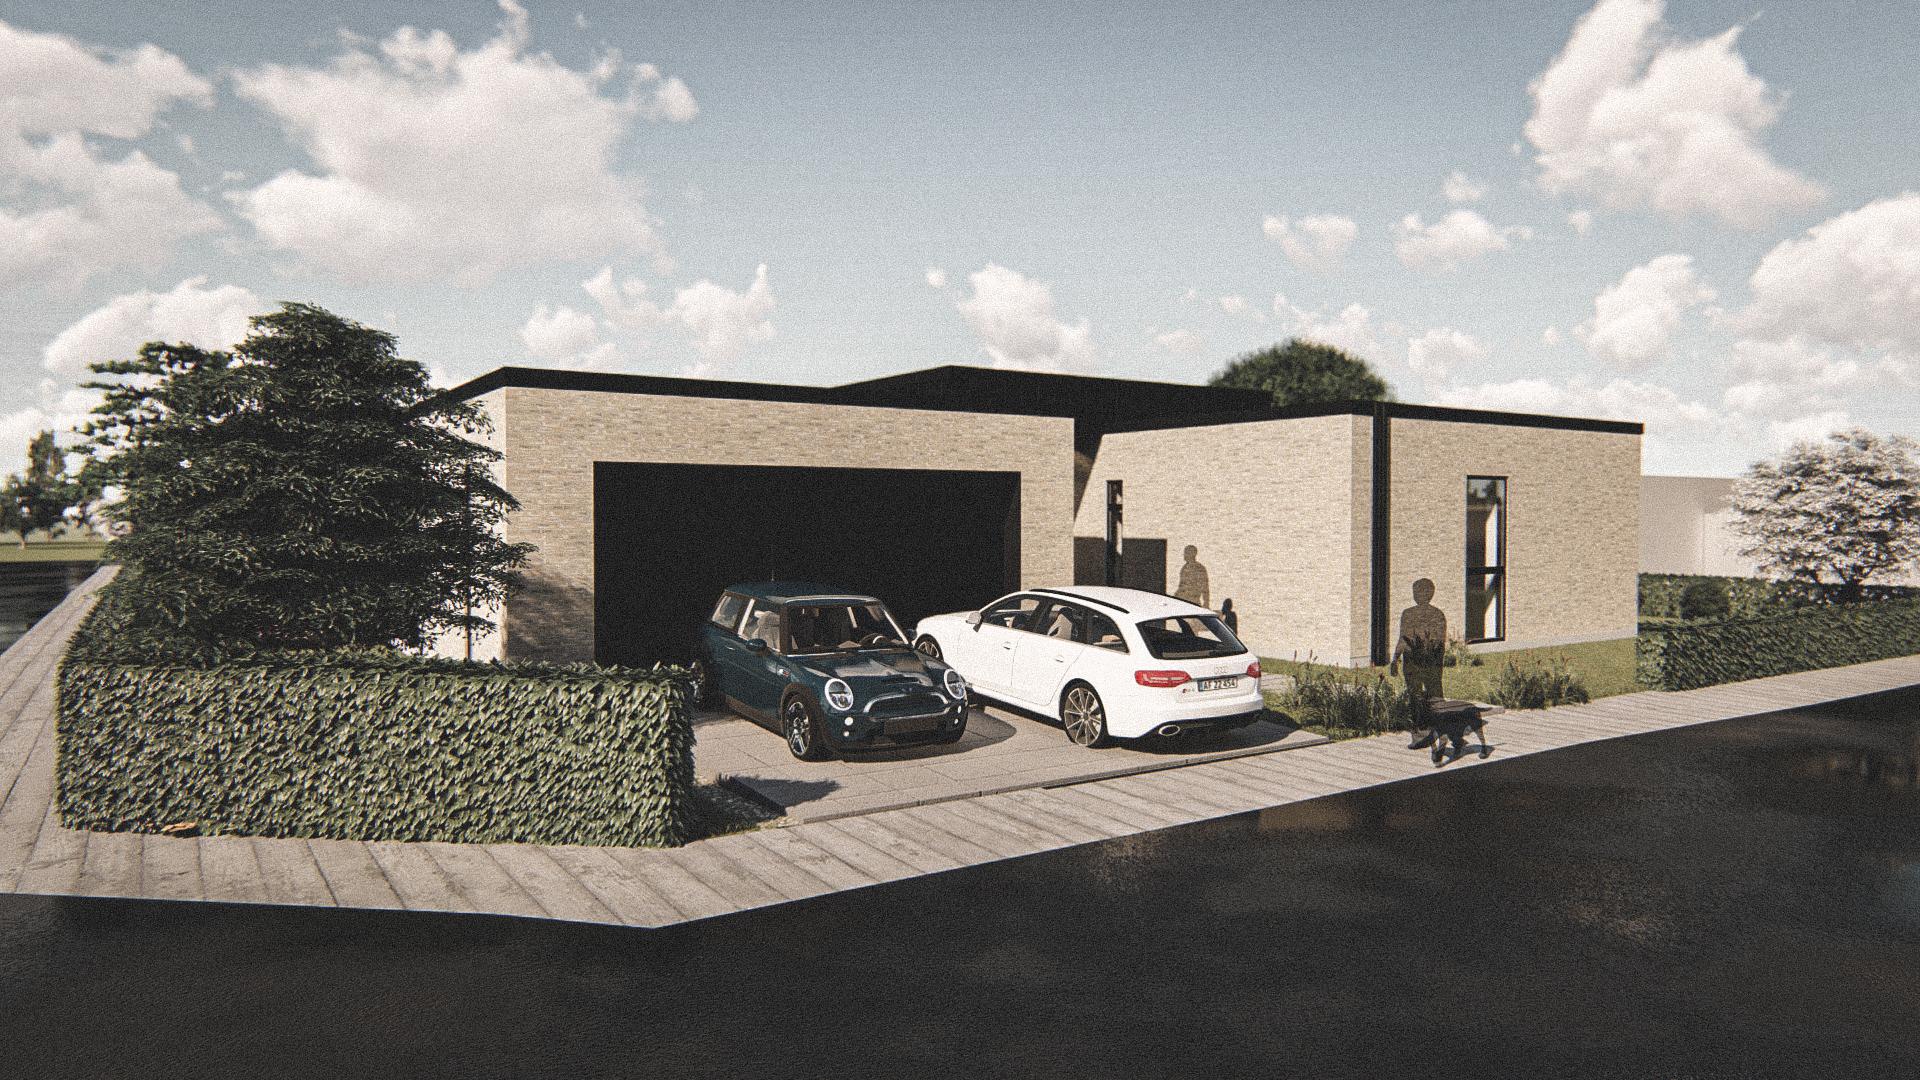 Billede af Dansk arkitekttegnet 1 plan villa af arkitektfirmaet m2plus, i Hjallerup på 247 kvartratmeter.